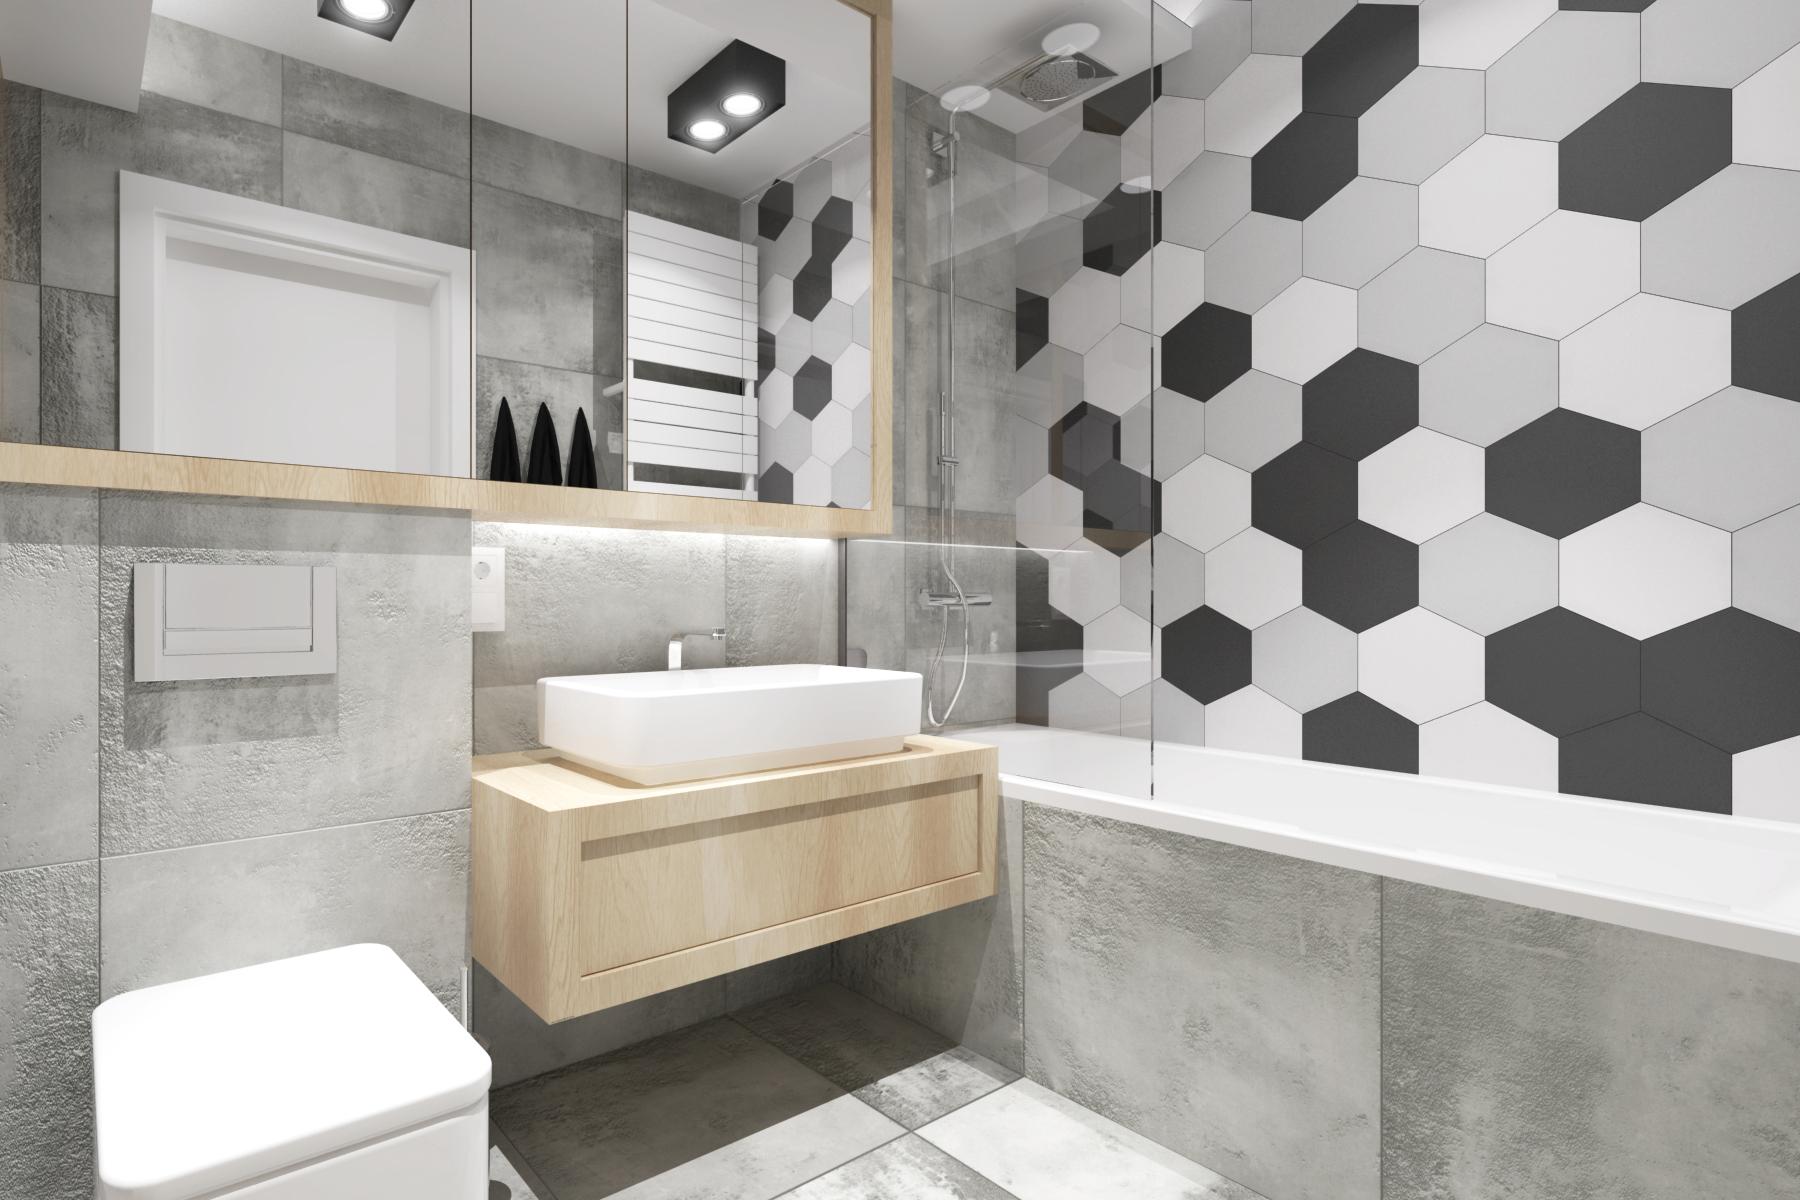 Projekty wnętrz - nowoczesna łazienka z heksagonami.